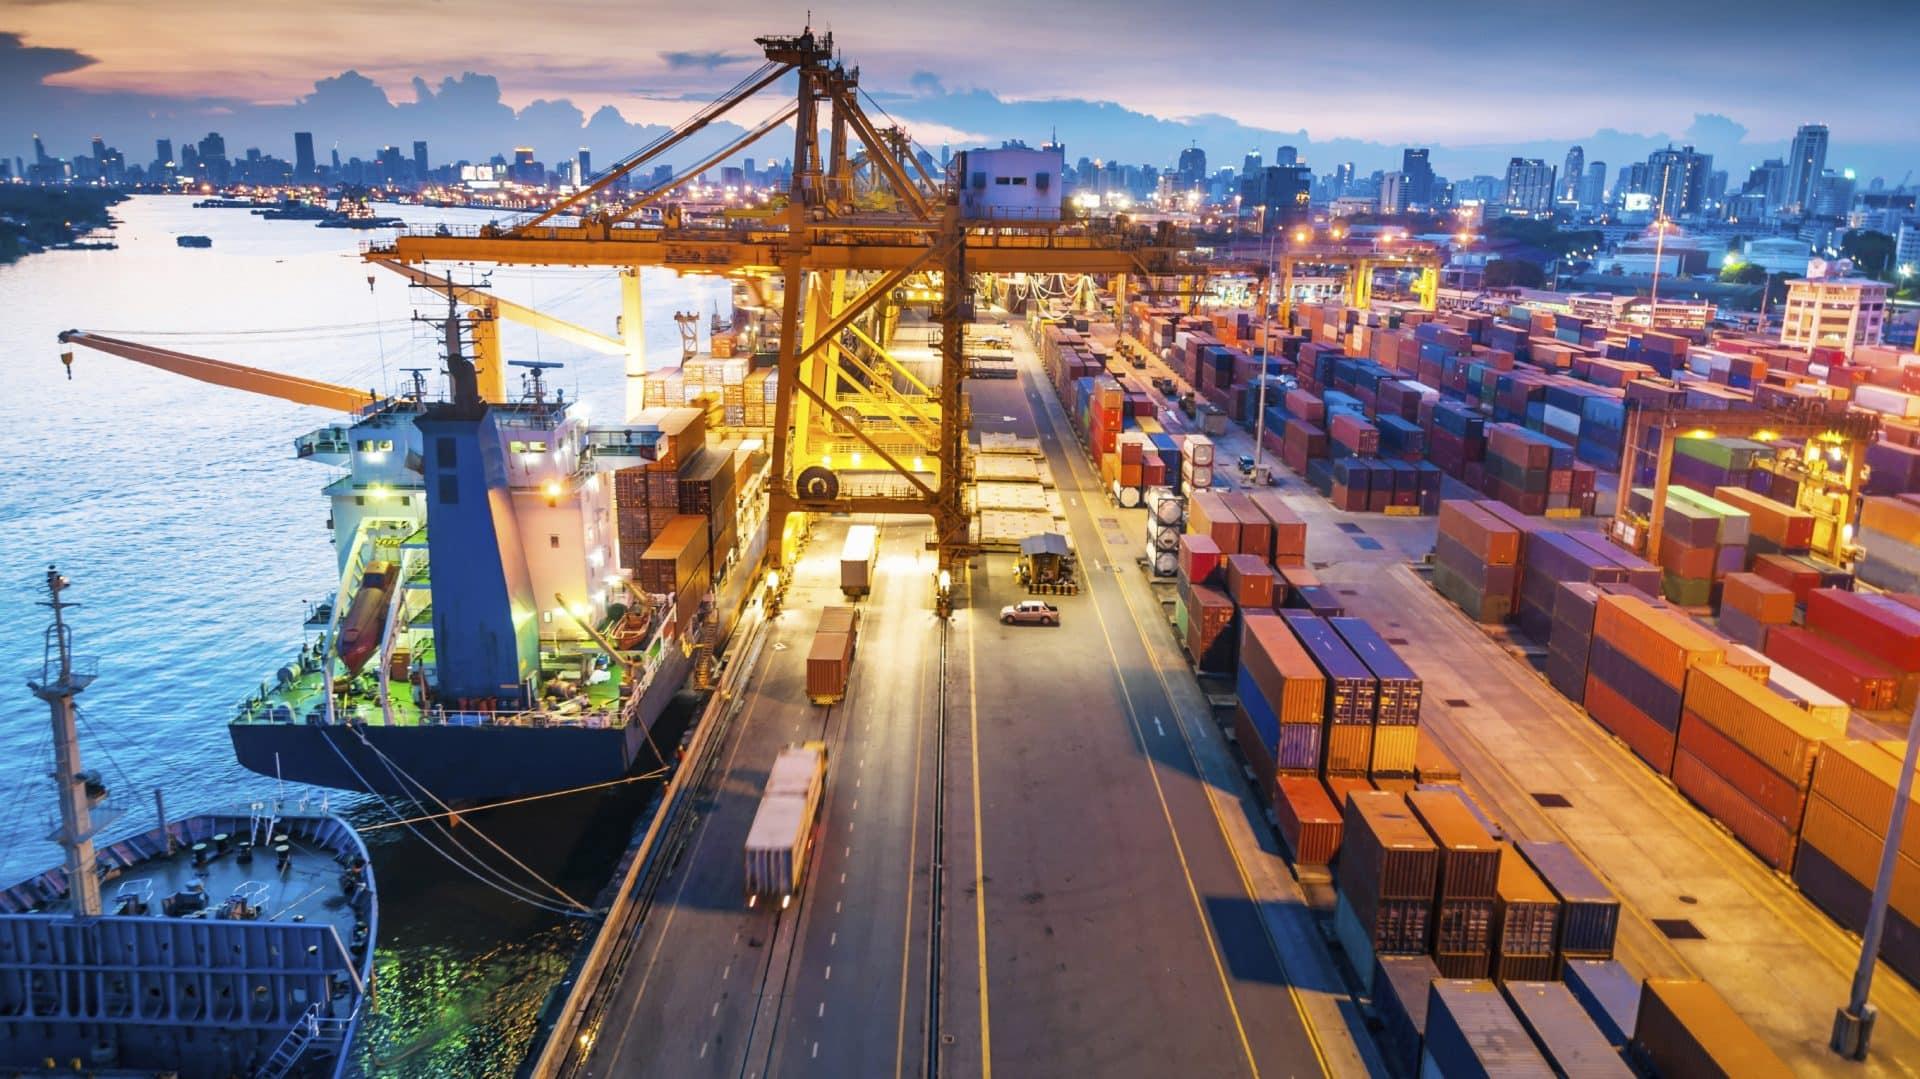 California tắc nghẽn: 49 tàu chở hàng bên ngoài khu phức hợp cảng LB / LA